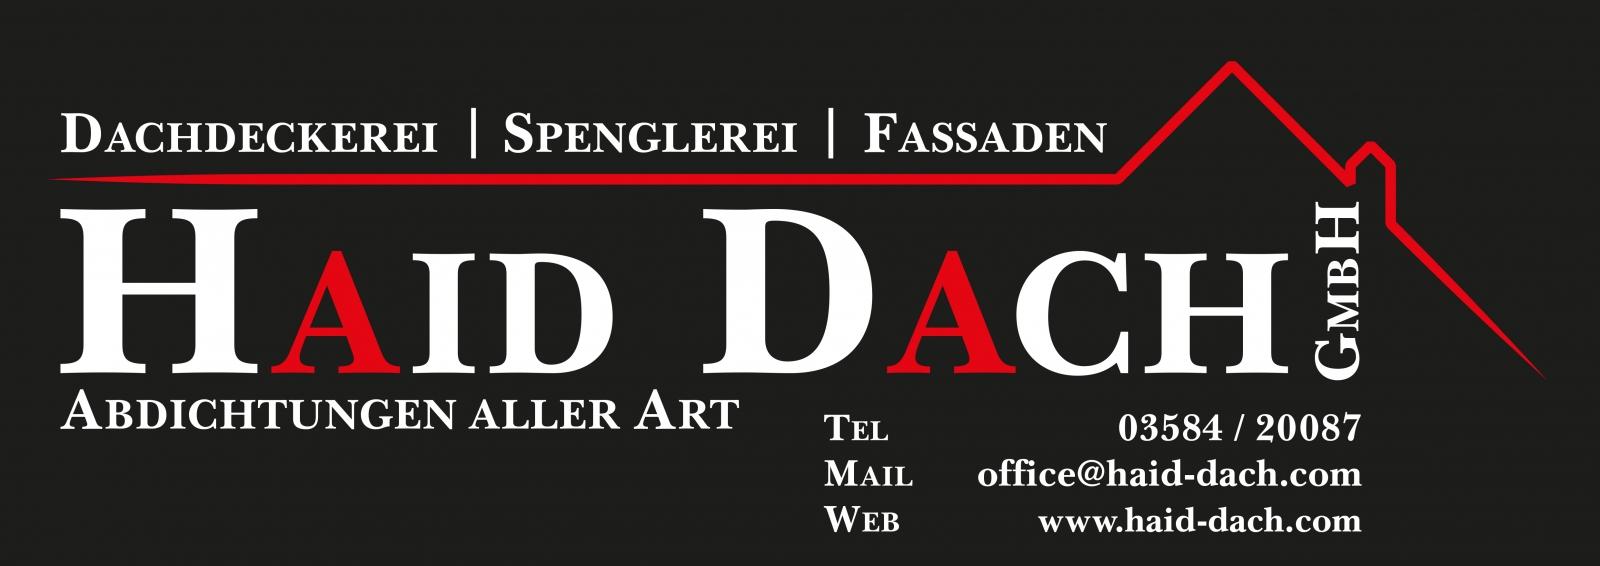 Haid_Dach_Logo-Neg_2015_2